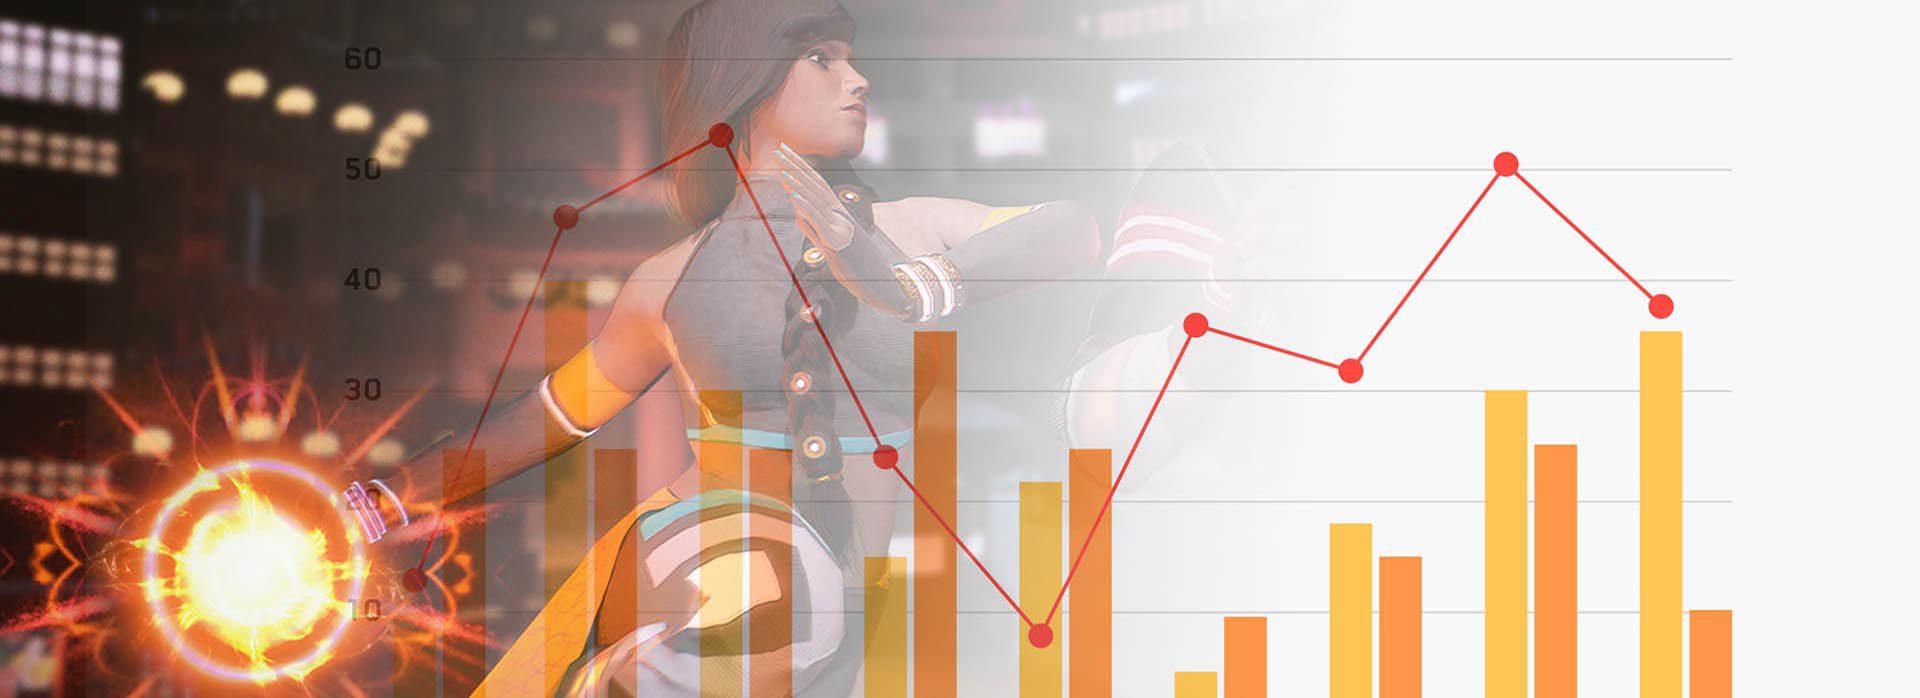 game-data-analyst-banner